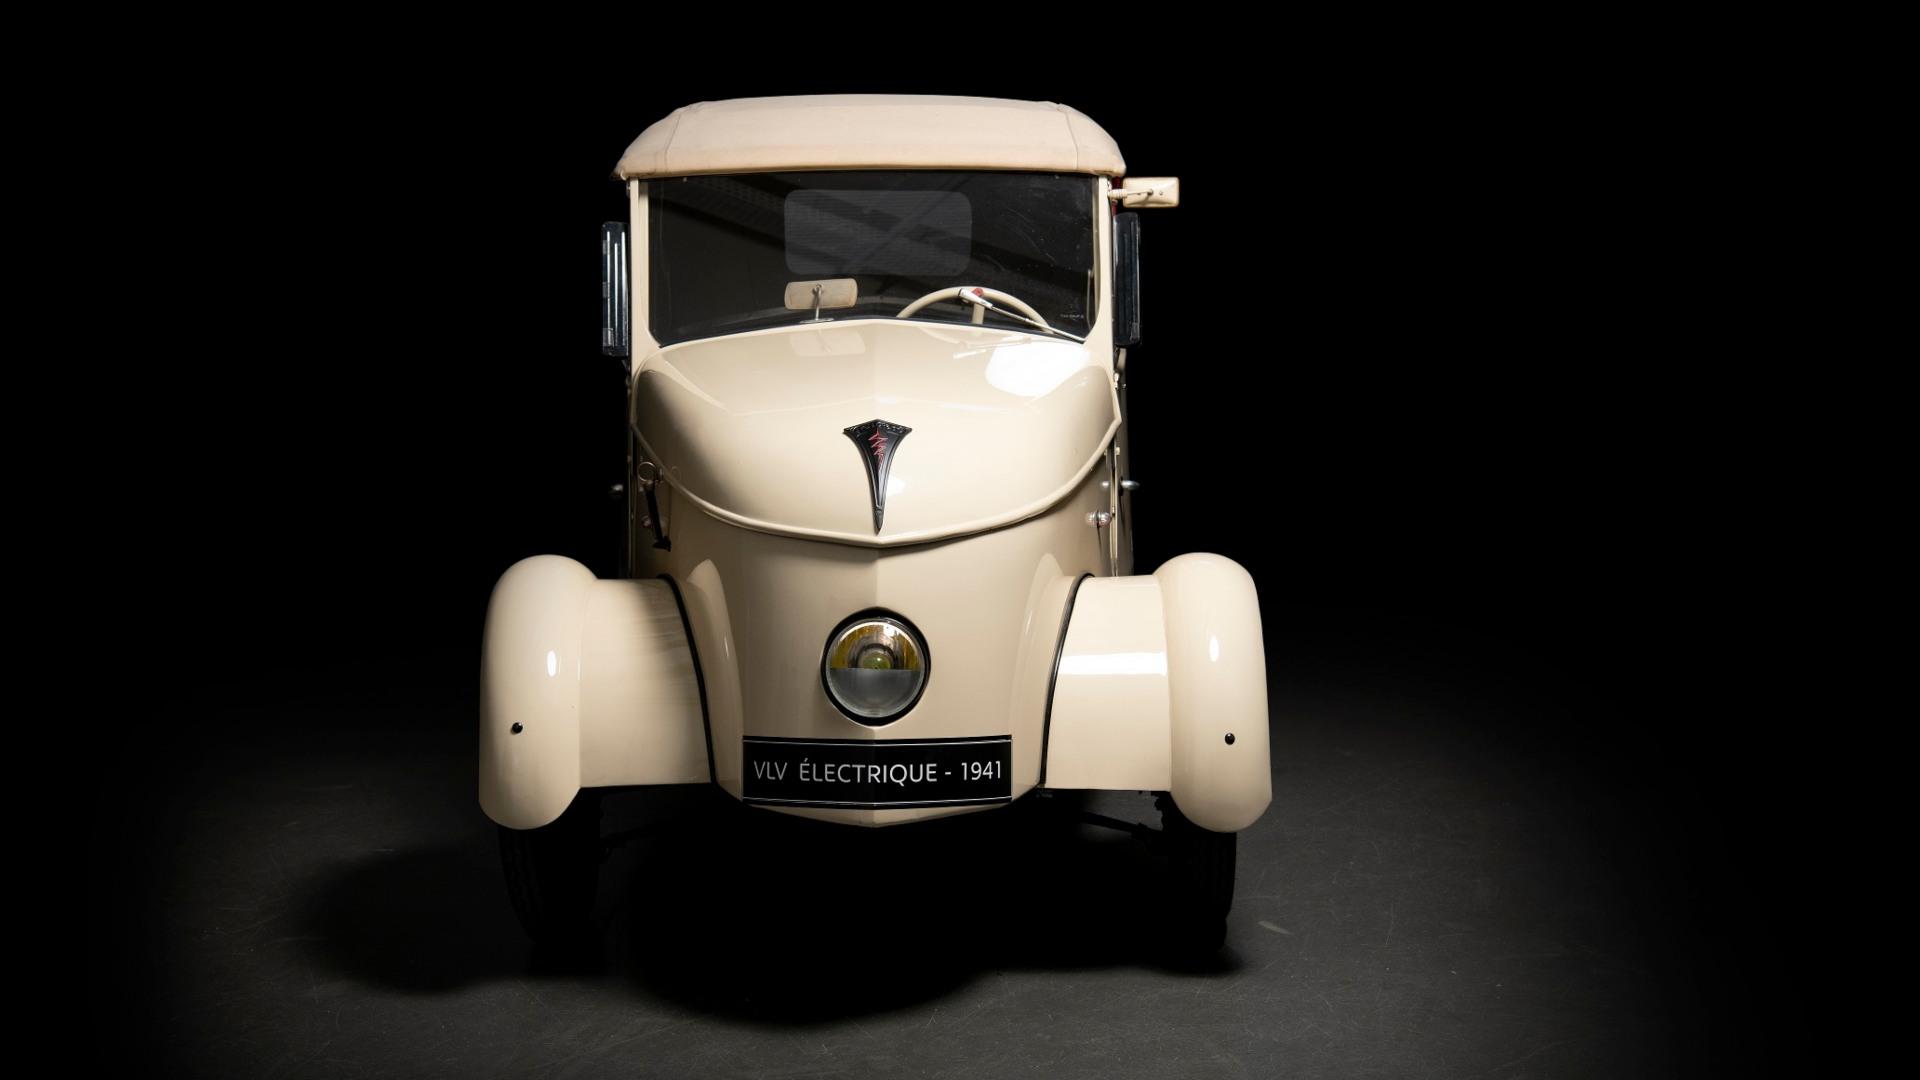 Peugeot muestra en Rétromobile sus coches eléctricos desde 1941